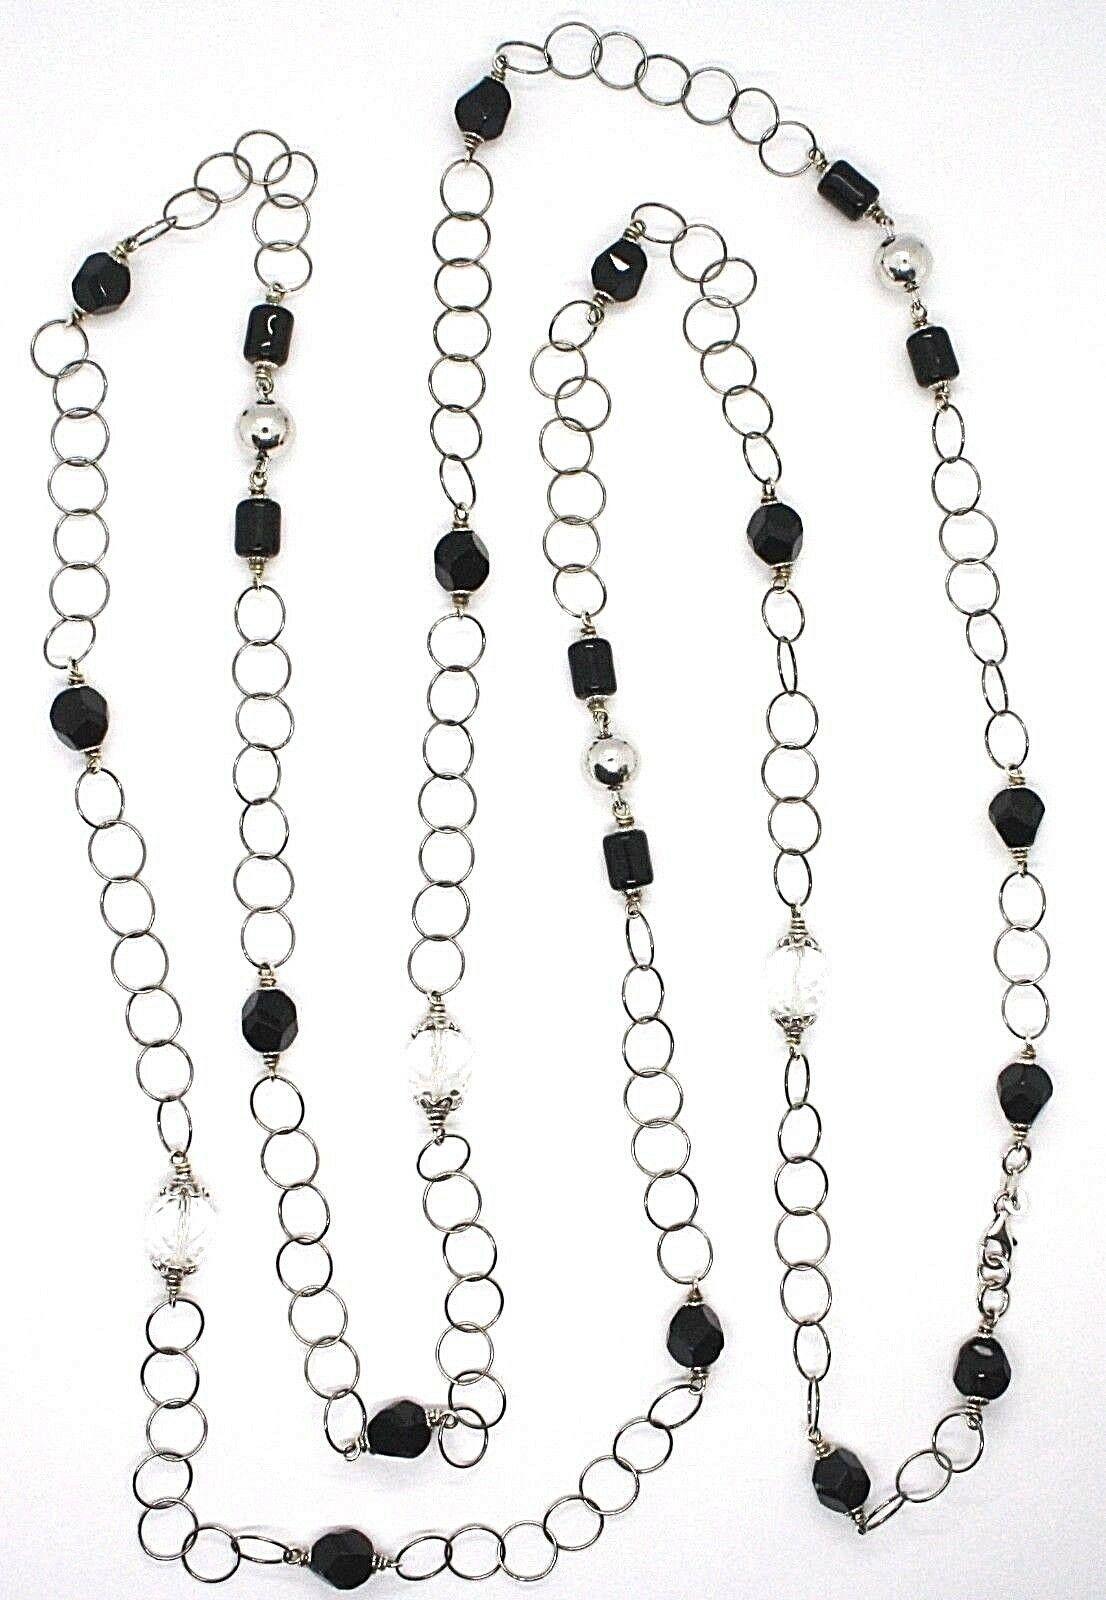 Halskette Silber 925, Onyx Schwarz, Länge 160 cm, Kette Rolo, Kreise